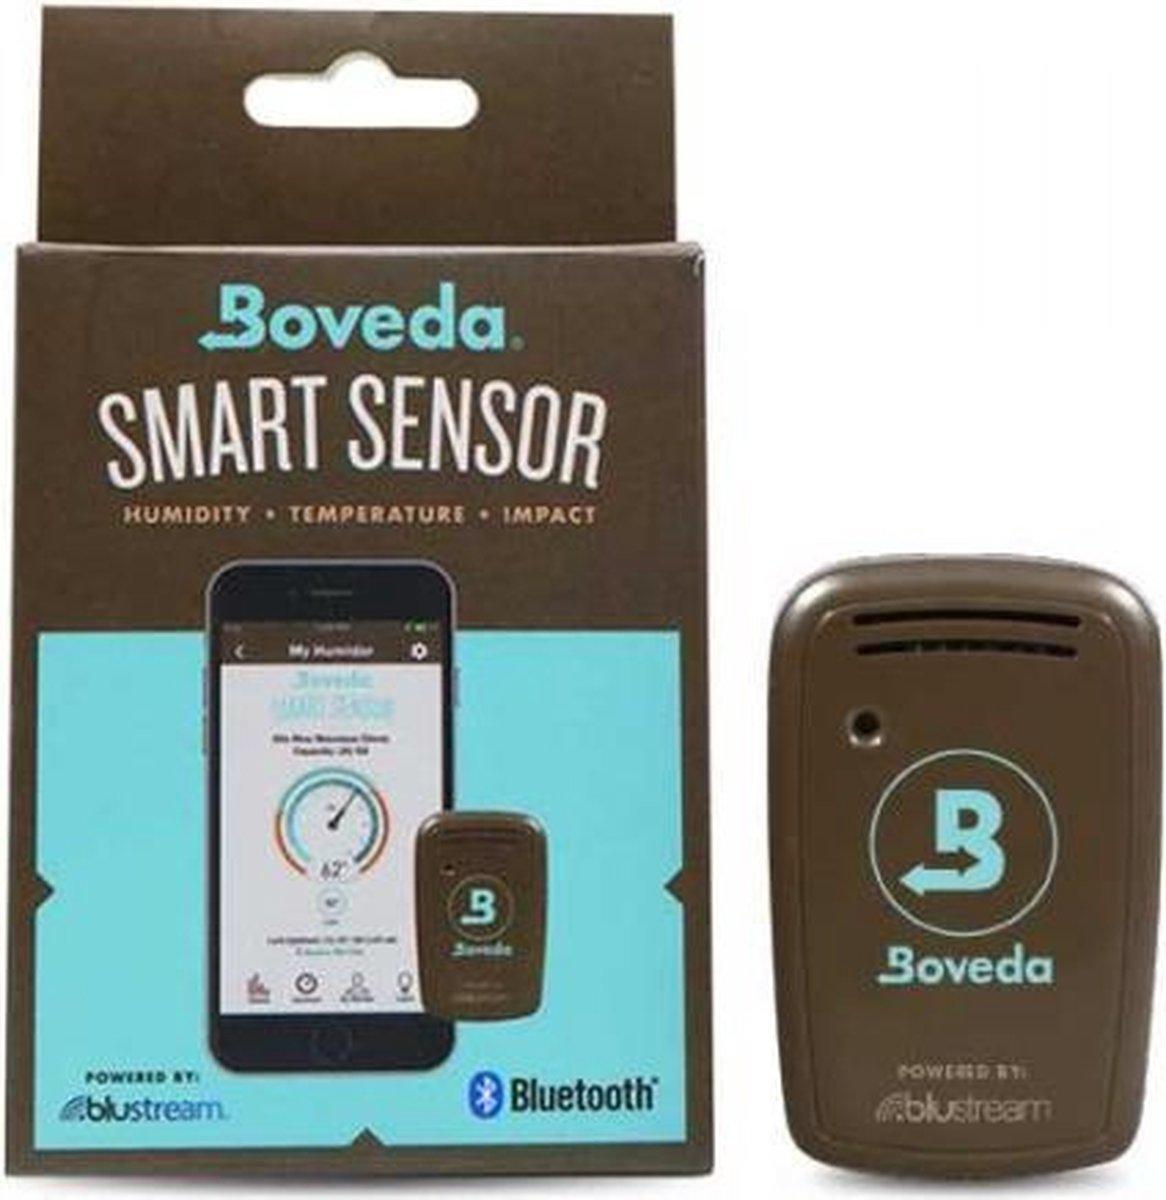 Boveda Digitale Hygrometer via smartphone - Boveda